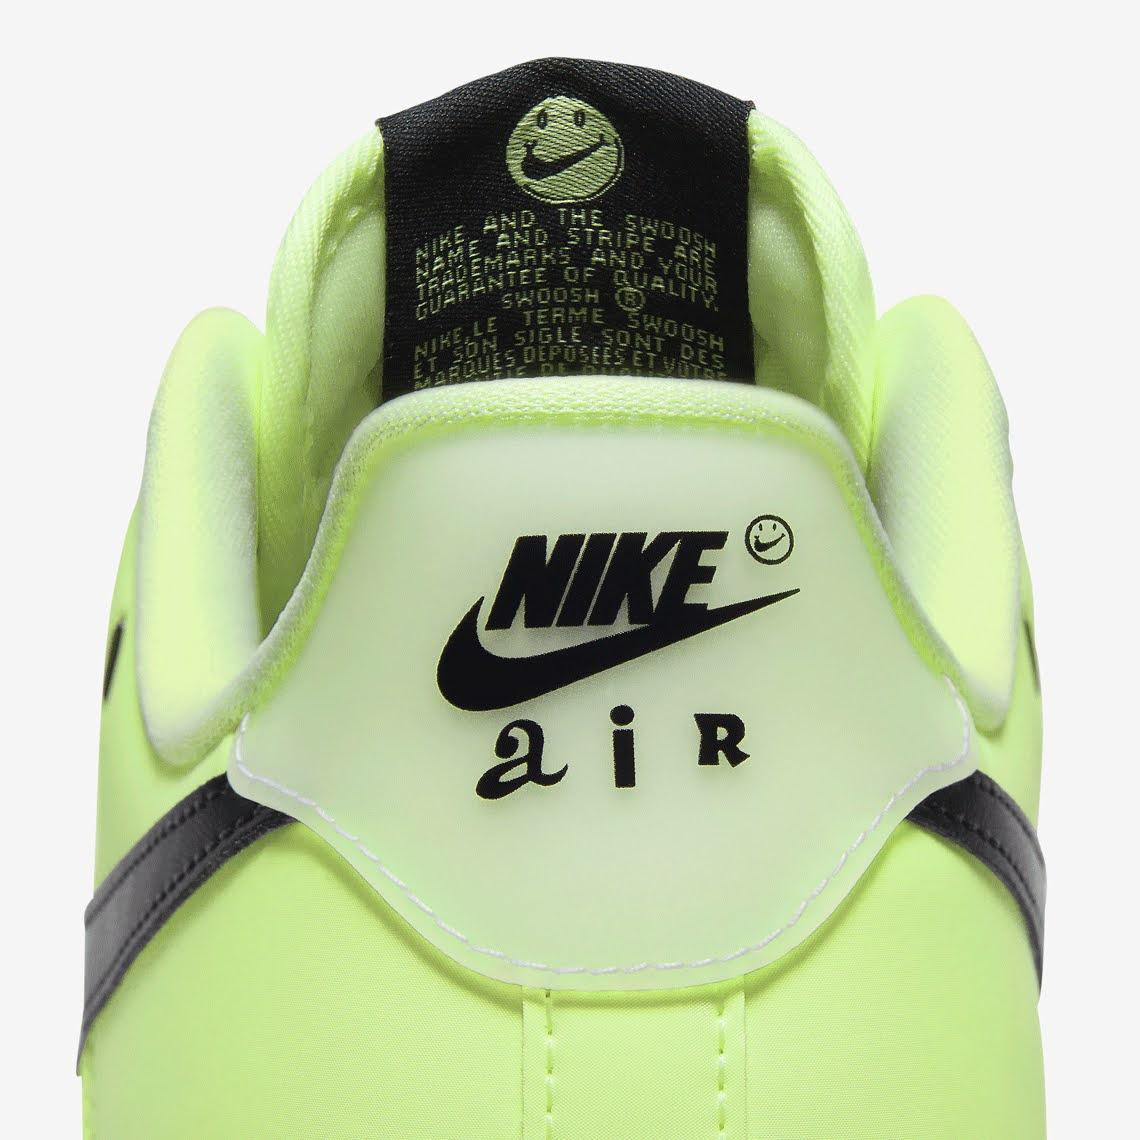 ナイキ エア フォース 1 ハブ ア ナイキ デー グロー イン ザ ダーク グリーン Nike-Air-Force-1-glow-in-the-dark-have-a-nike-day-CT3228-701 heel logo